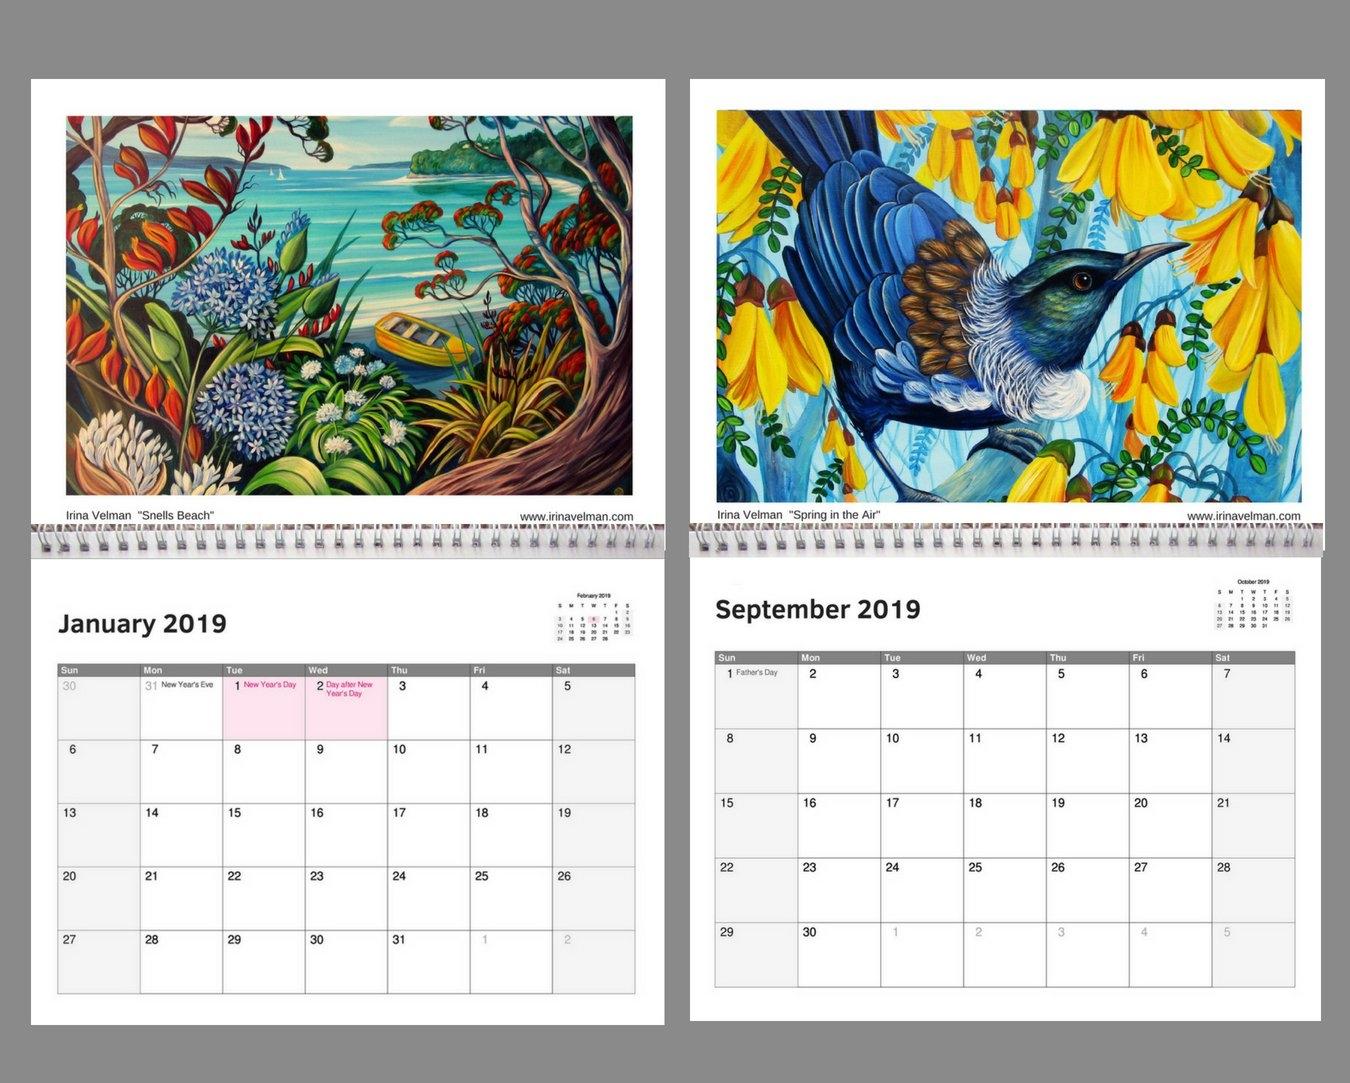 2019 Calendar  Nz Artist Irina Velman | Felt Calendar 2019 Artist